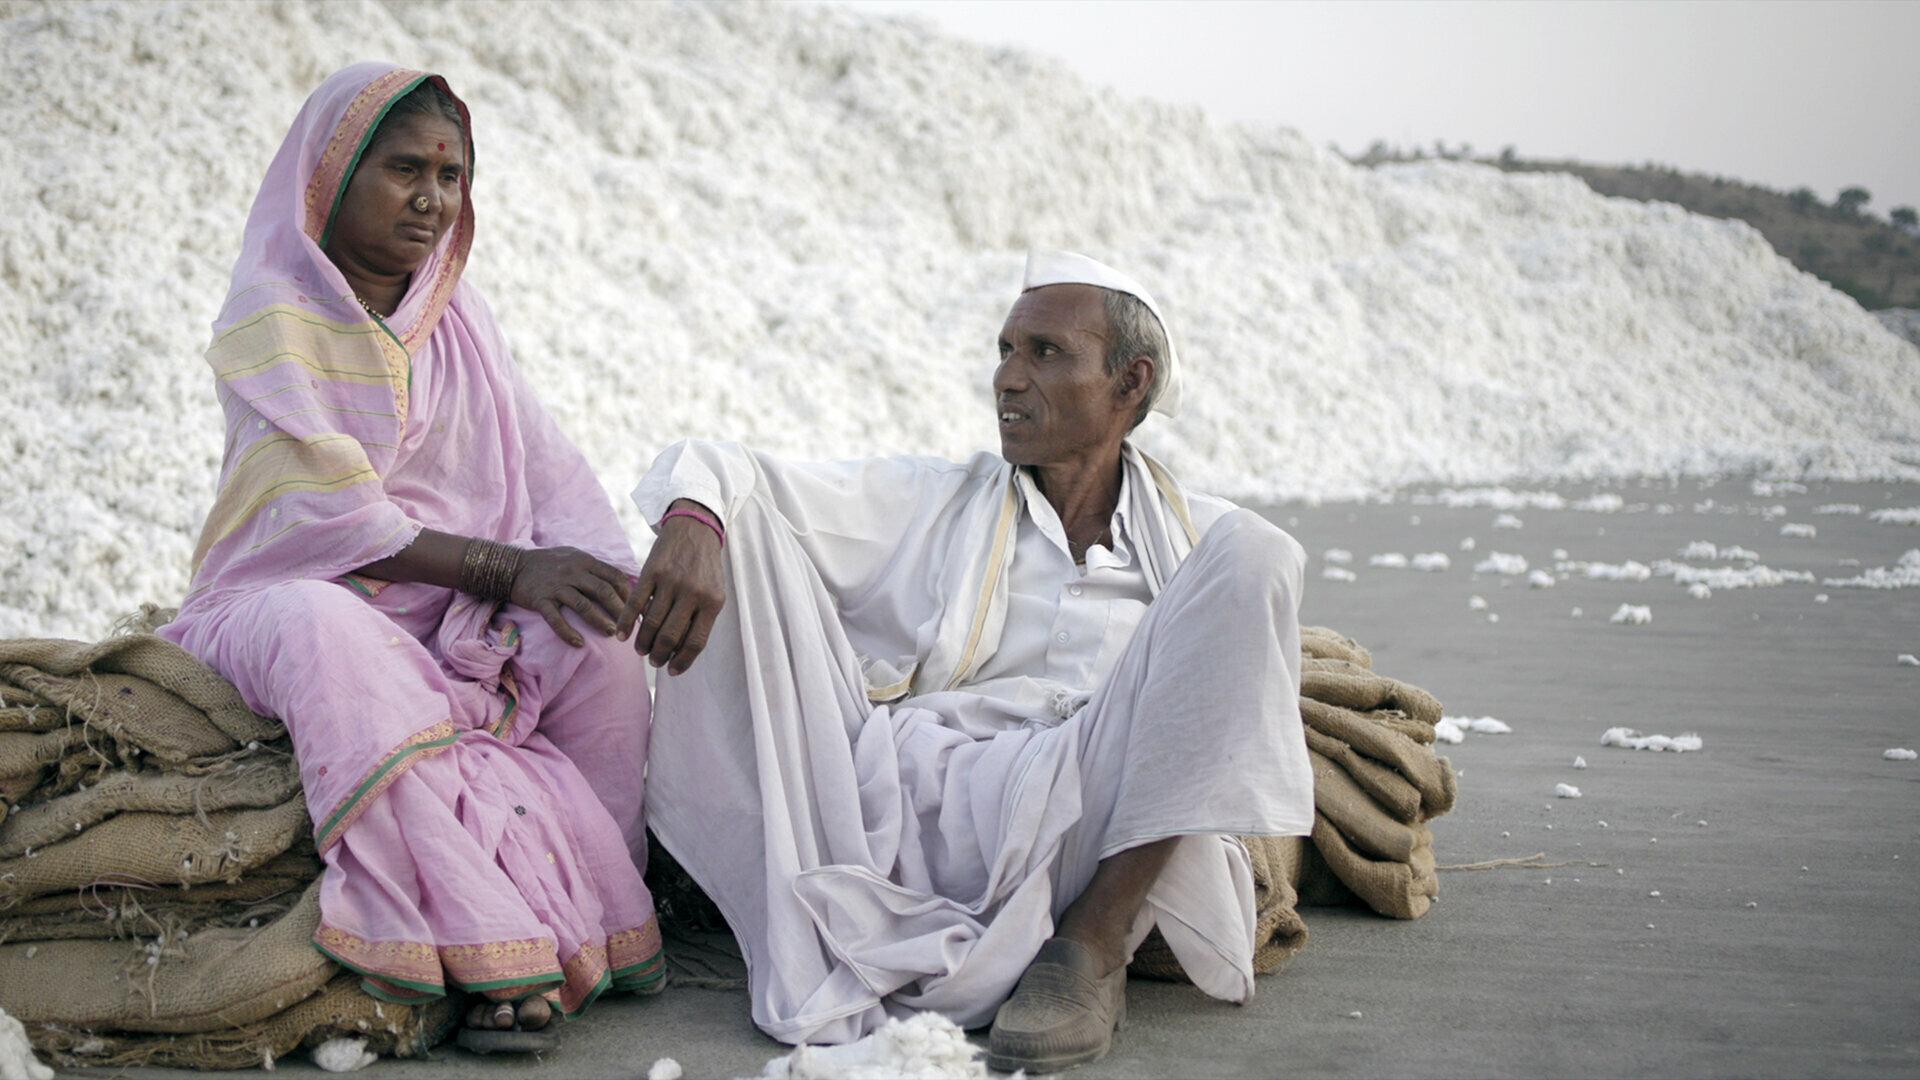 Моя любовь: шесть историй о настоящей любви — s01e06 — India: Satyabhama & Satva